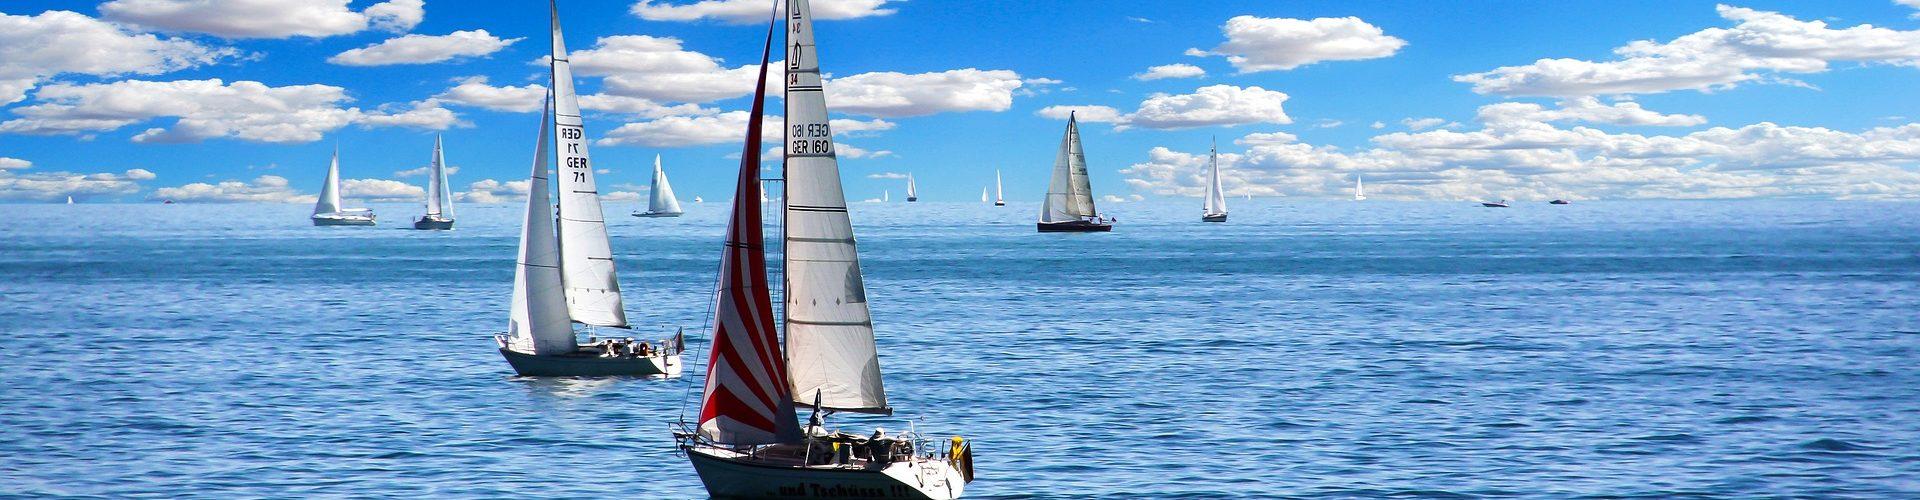 segeln lernen in Joachimsthal segelschein machen in Joachimsthal 1920x500 - Segeln lernen in Joachimsthal